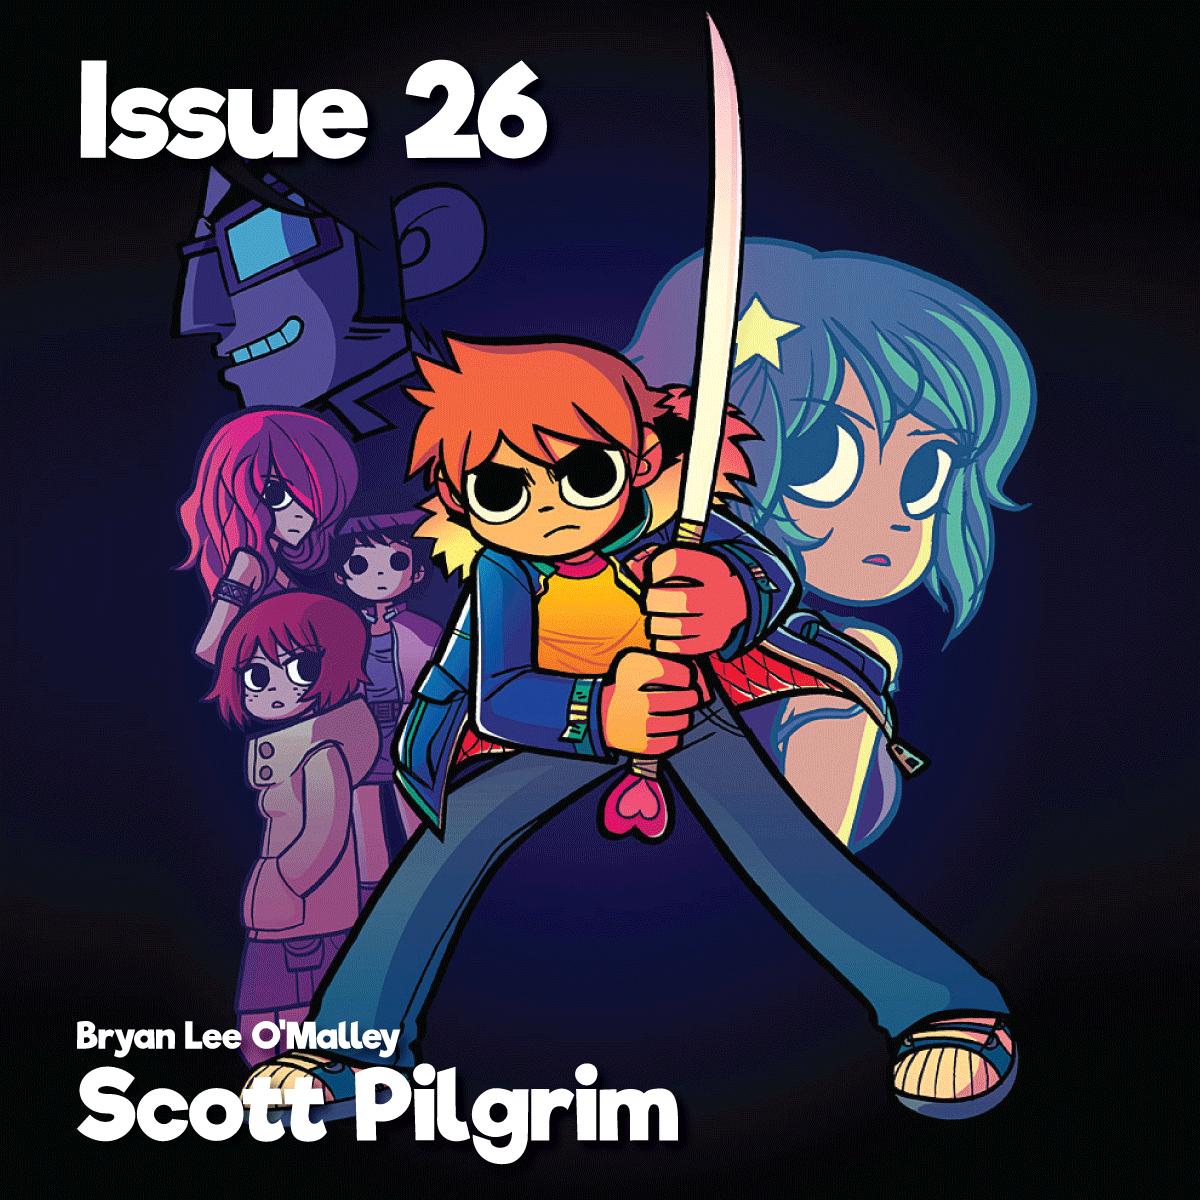 Issue26_ScottPilgrim_1200x1200.png